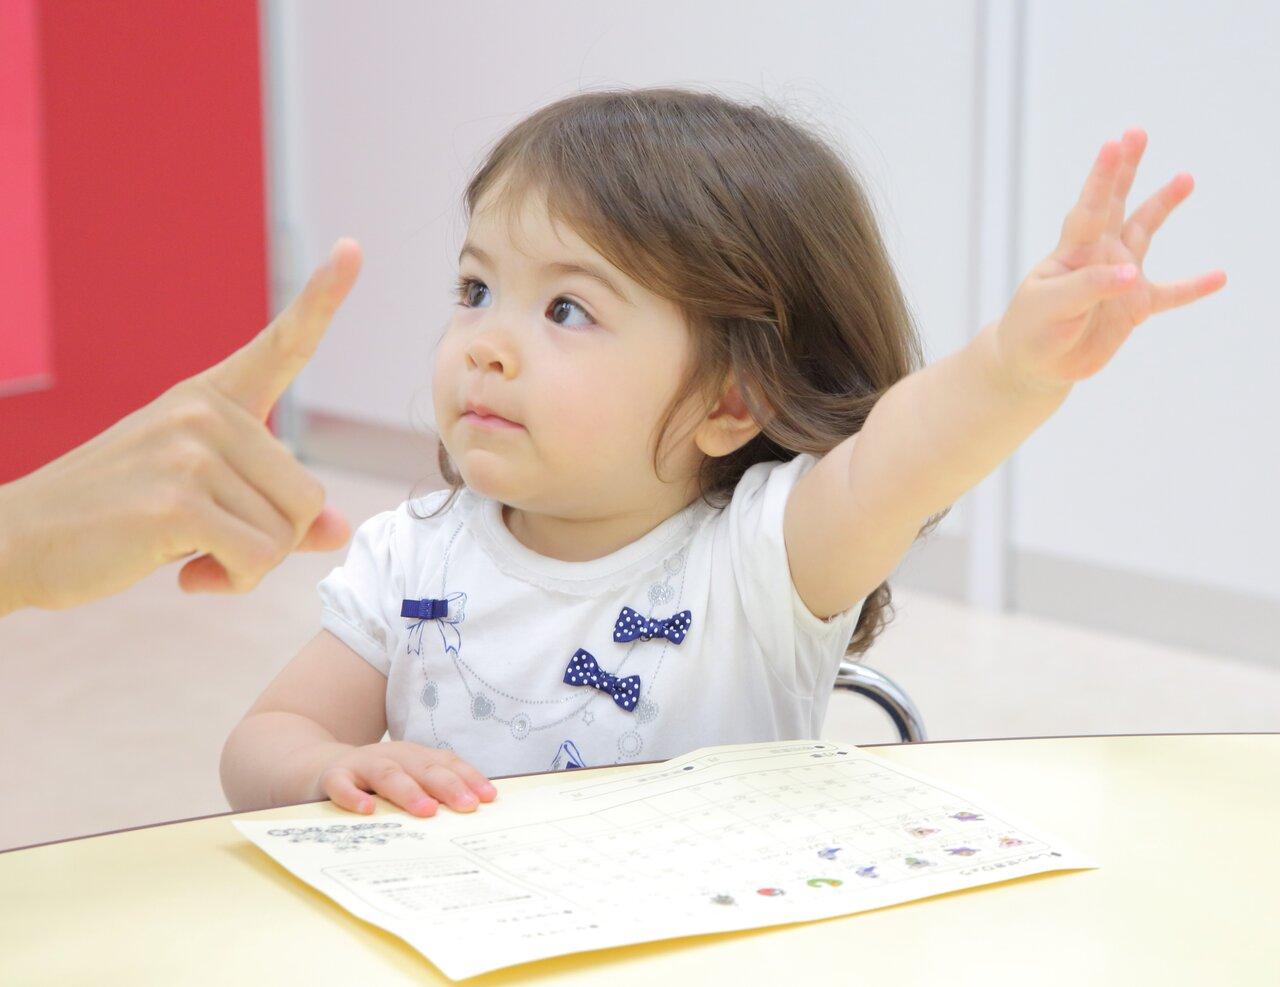 「講談社こども教室」 五感発達クラスレッスン風景<br> 出席調べ(名前を呼ばれたら、元気に返事をする)